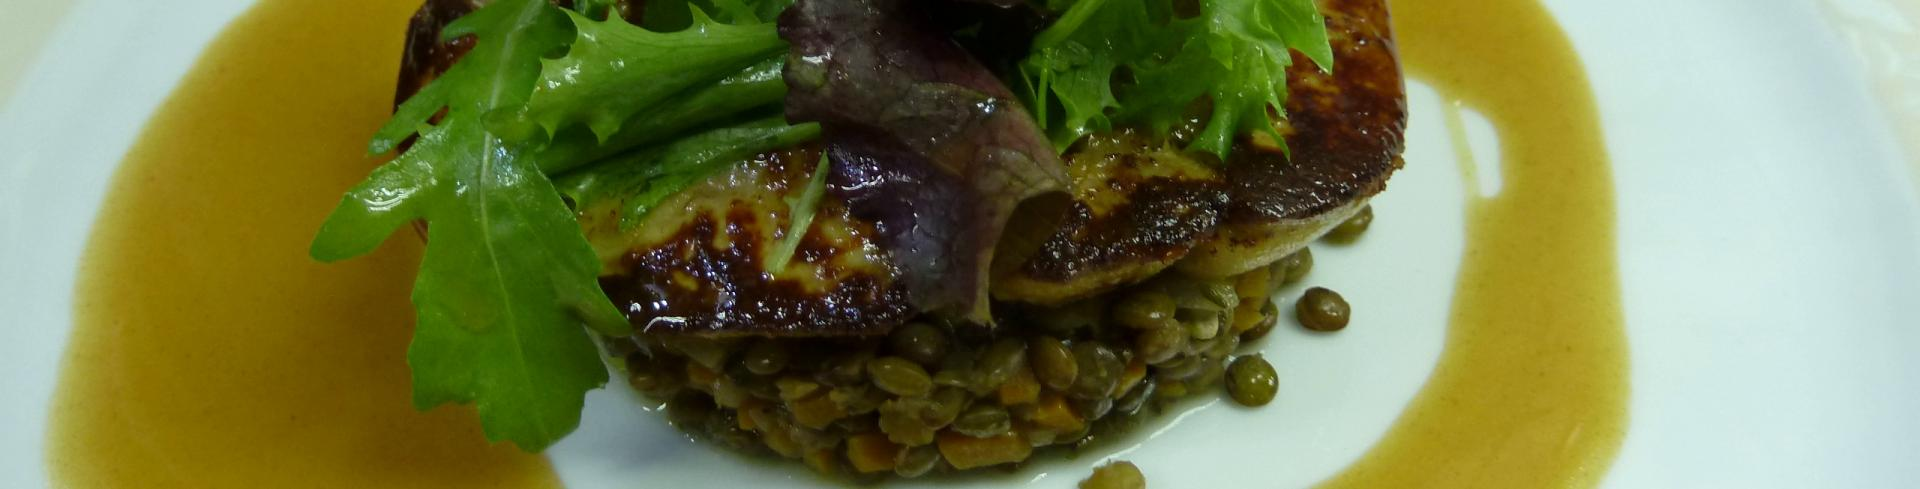 Foie gras et lentilles vertes